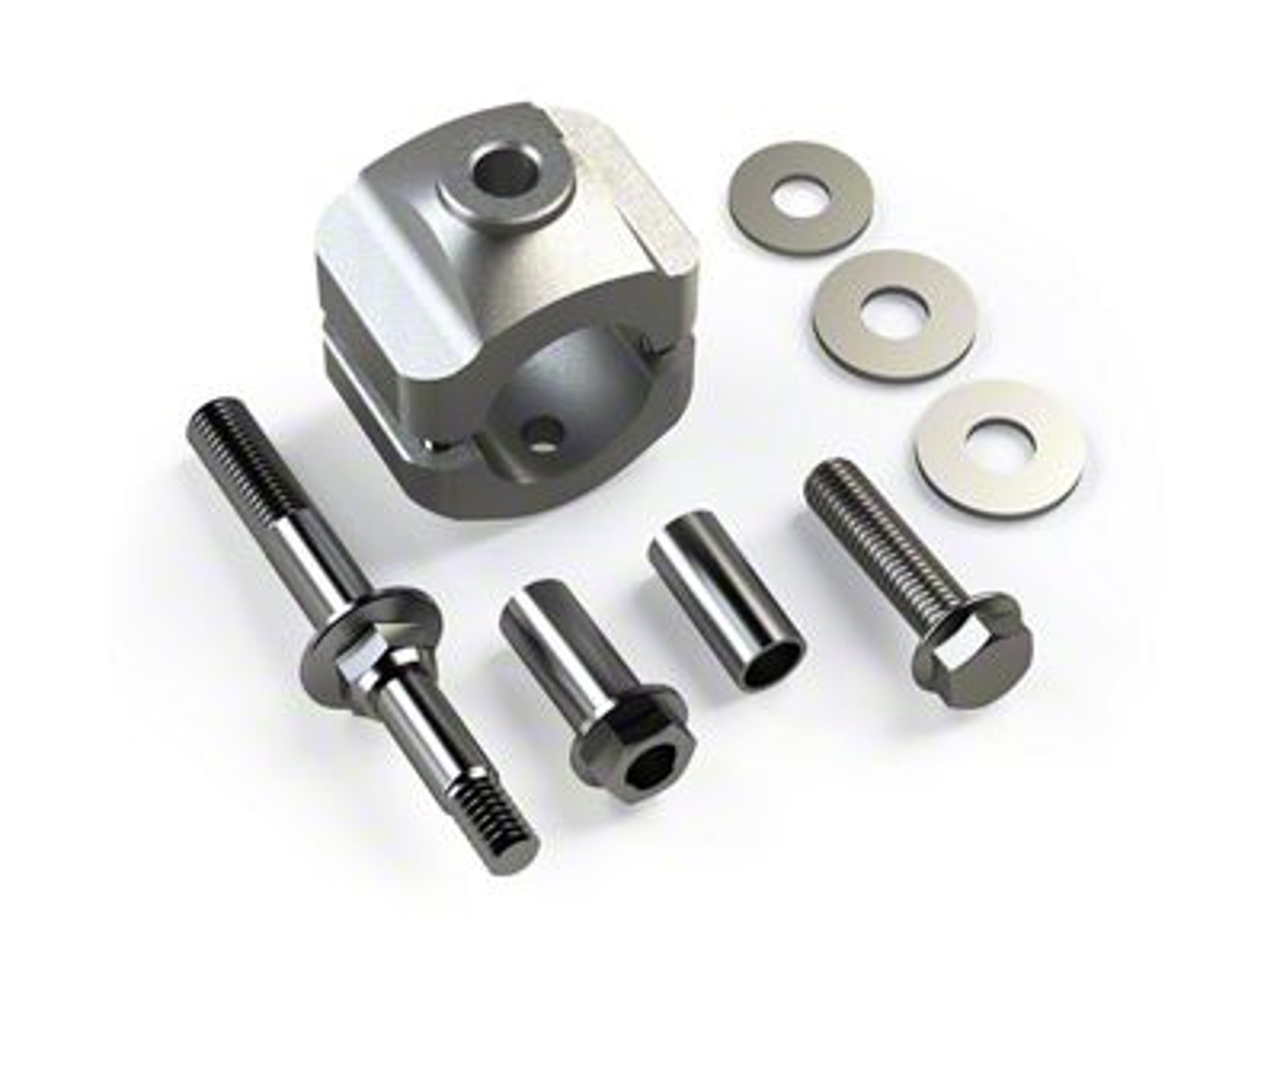 Teraflex Steering Stabilizer Relocation Kit for 1-5/8 in. Tie Rod (07-18 Jeep Wrangler JK)